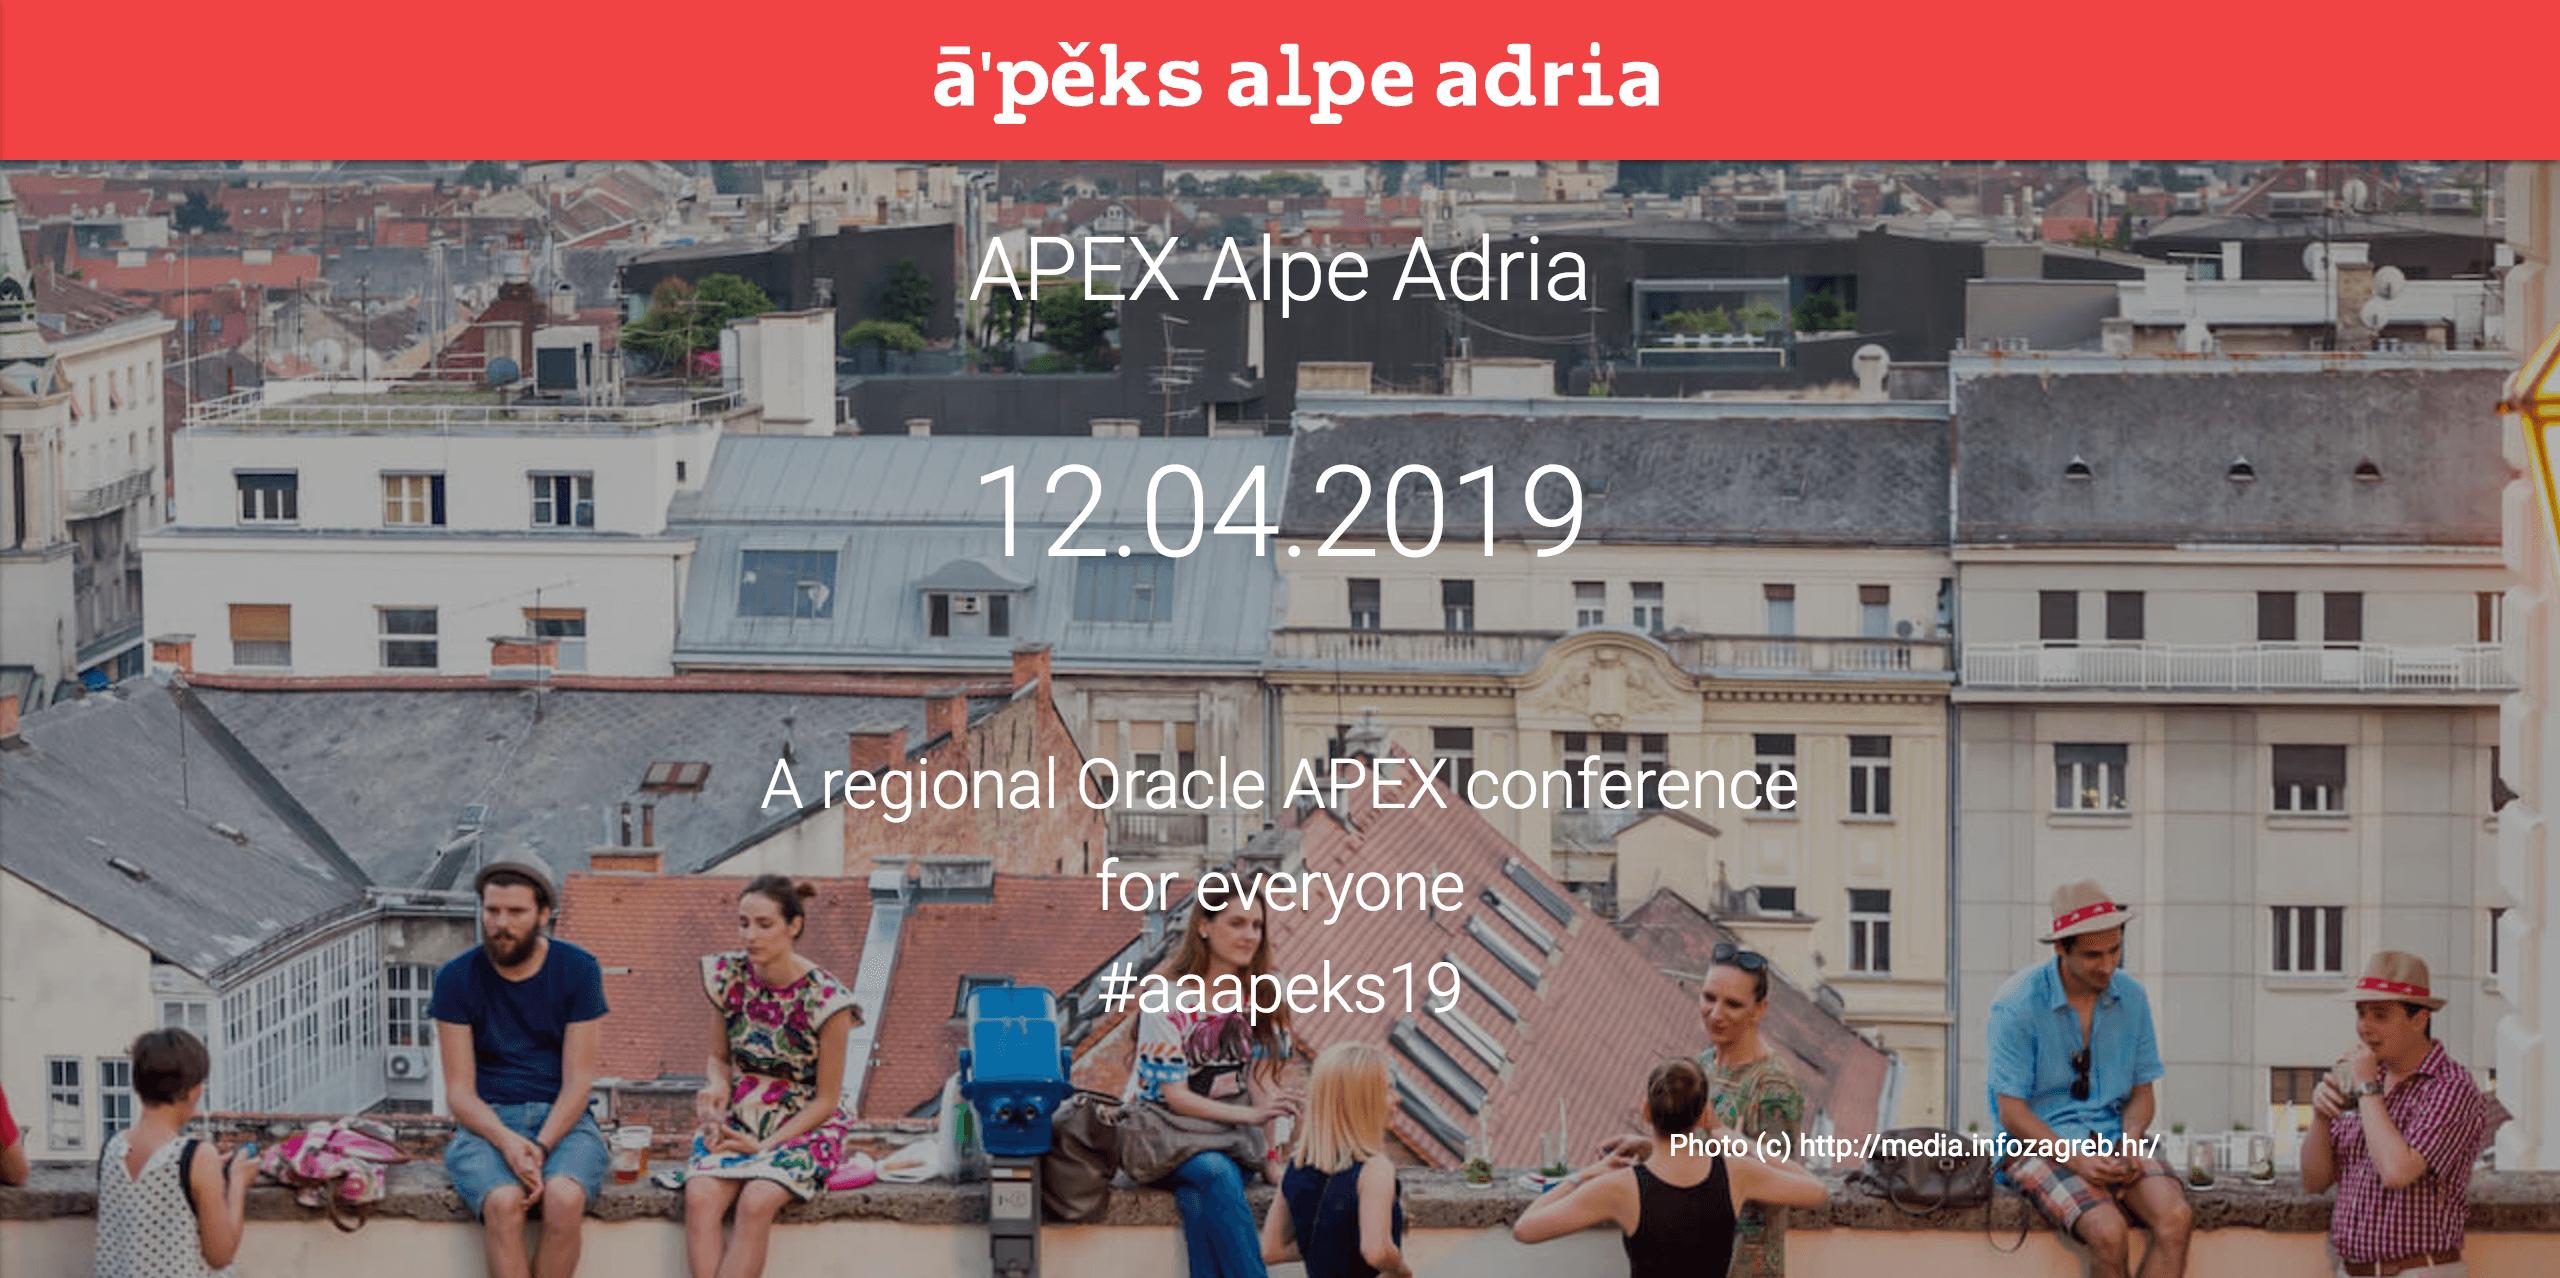 APEX Alpe Adria